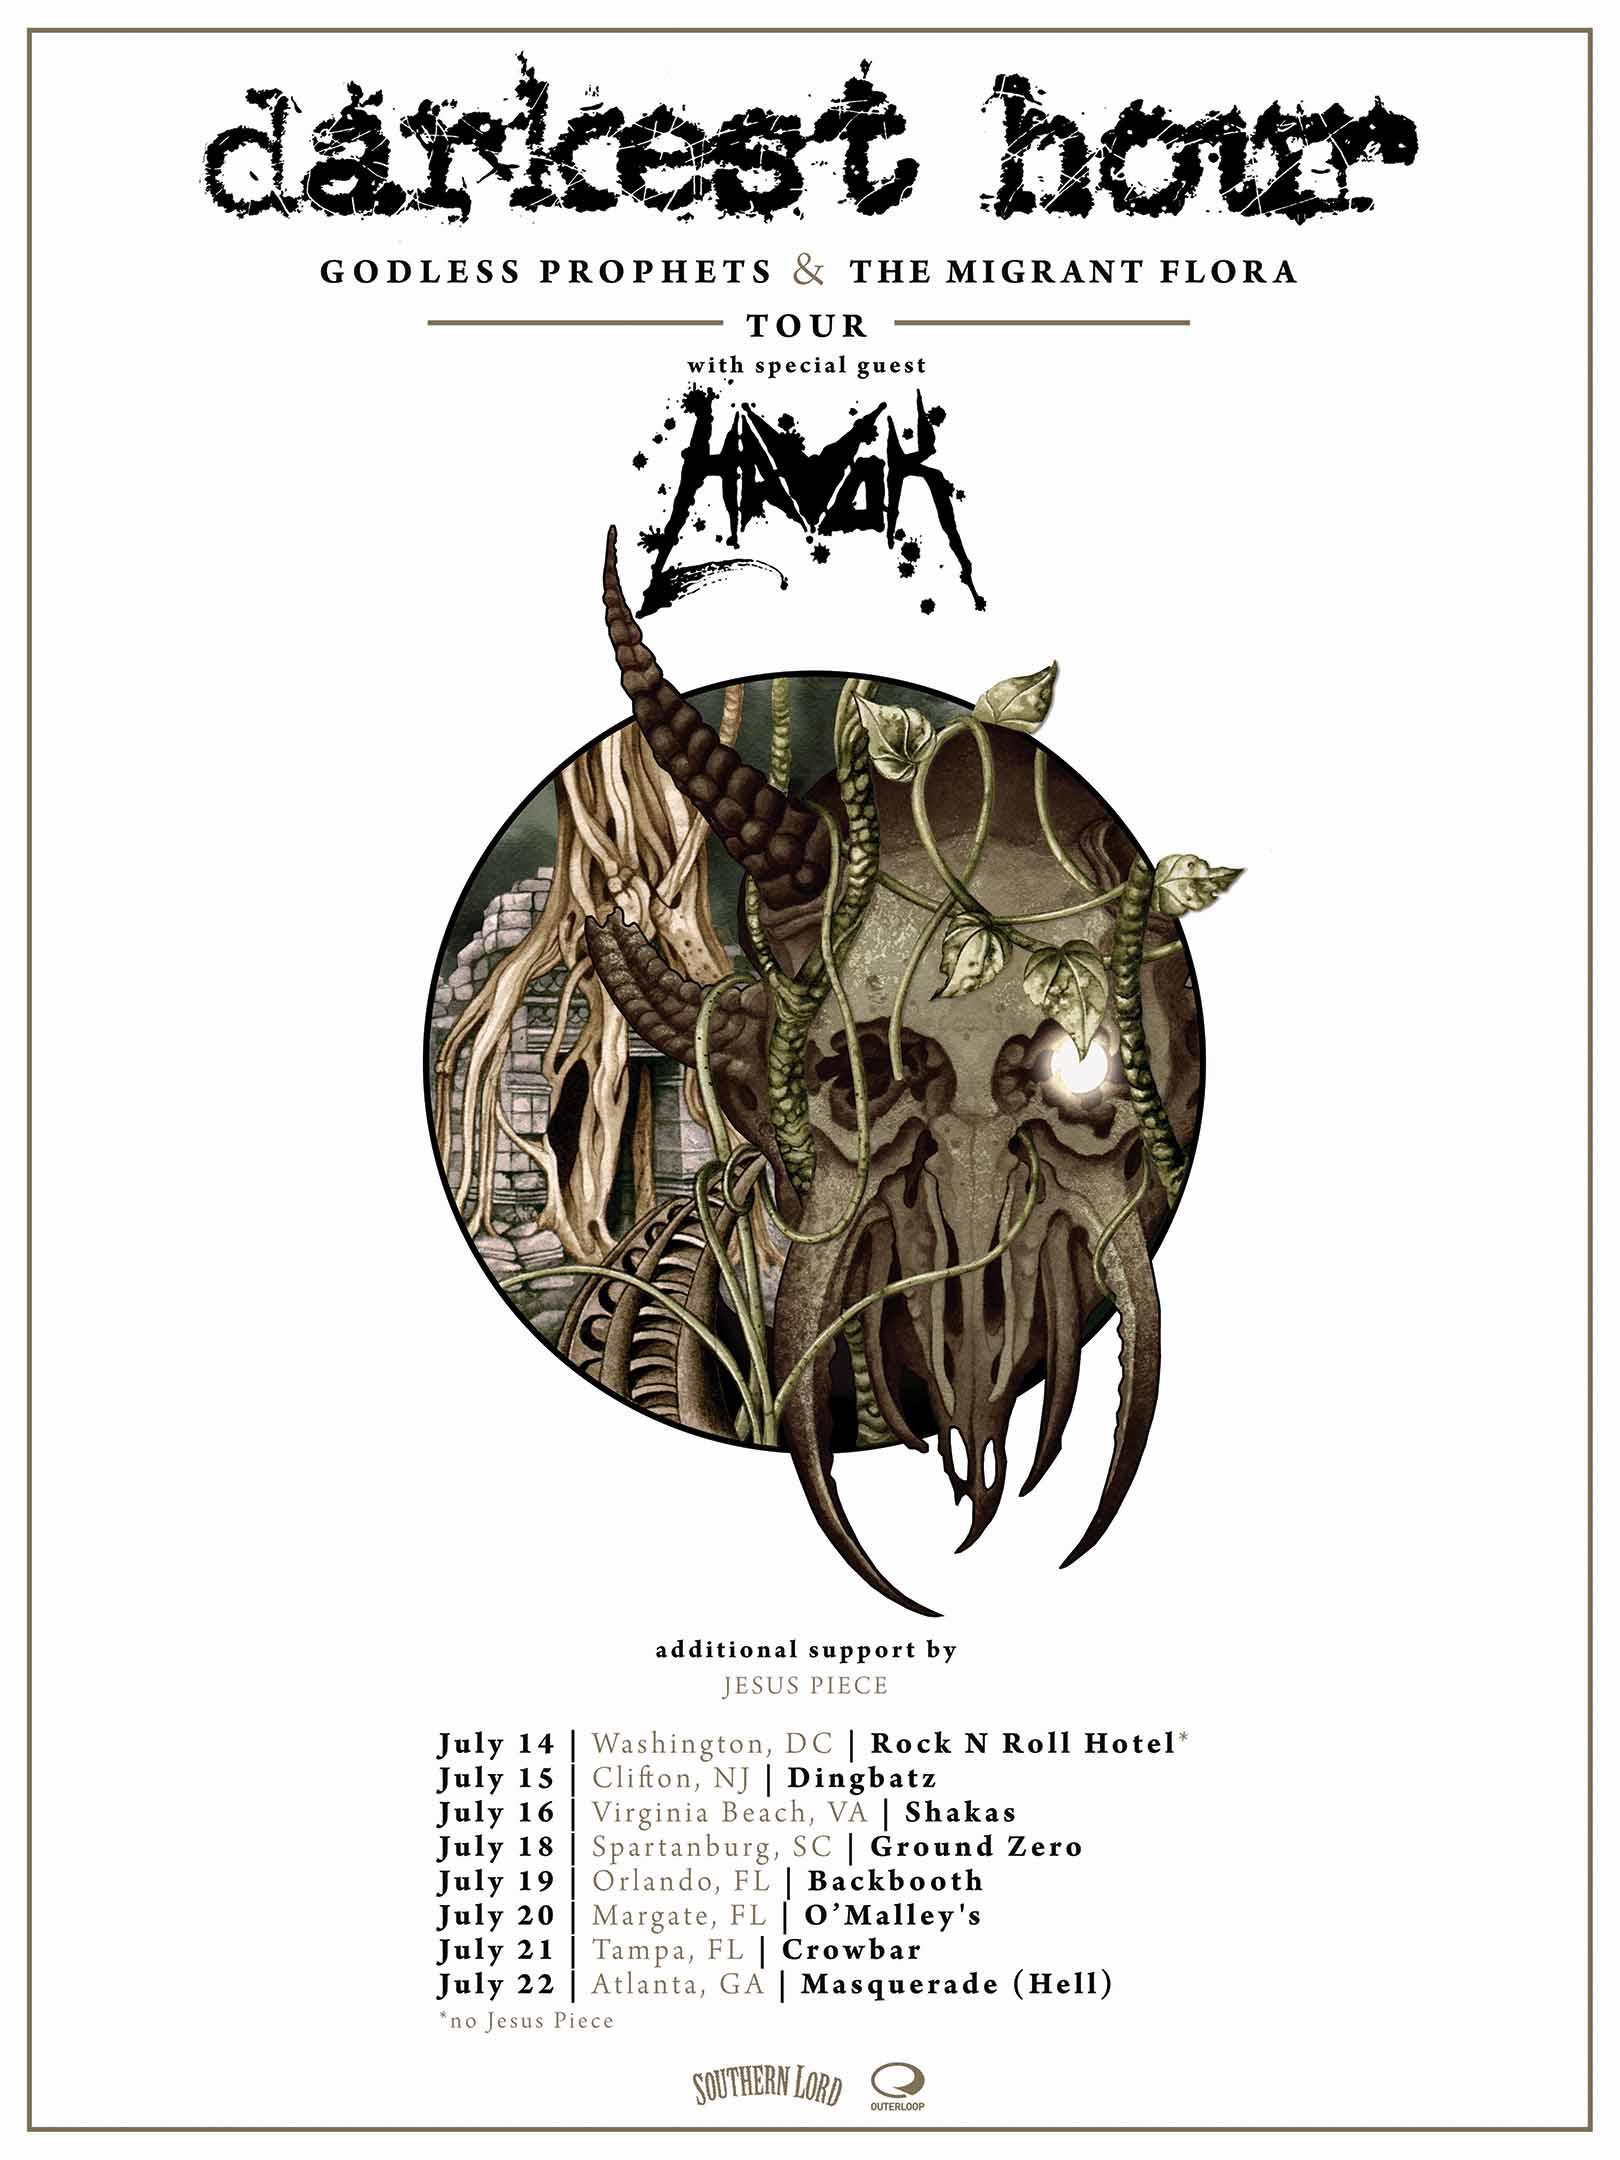 Godless_Prophets_Tour_Pt2_web